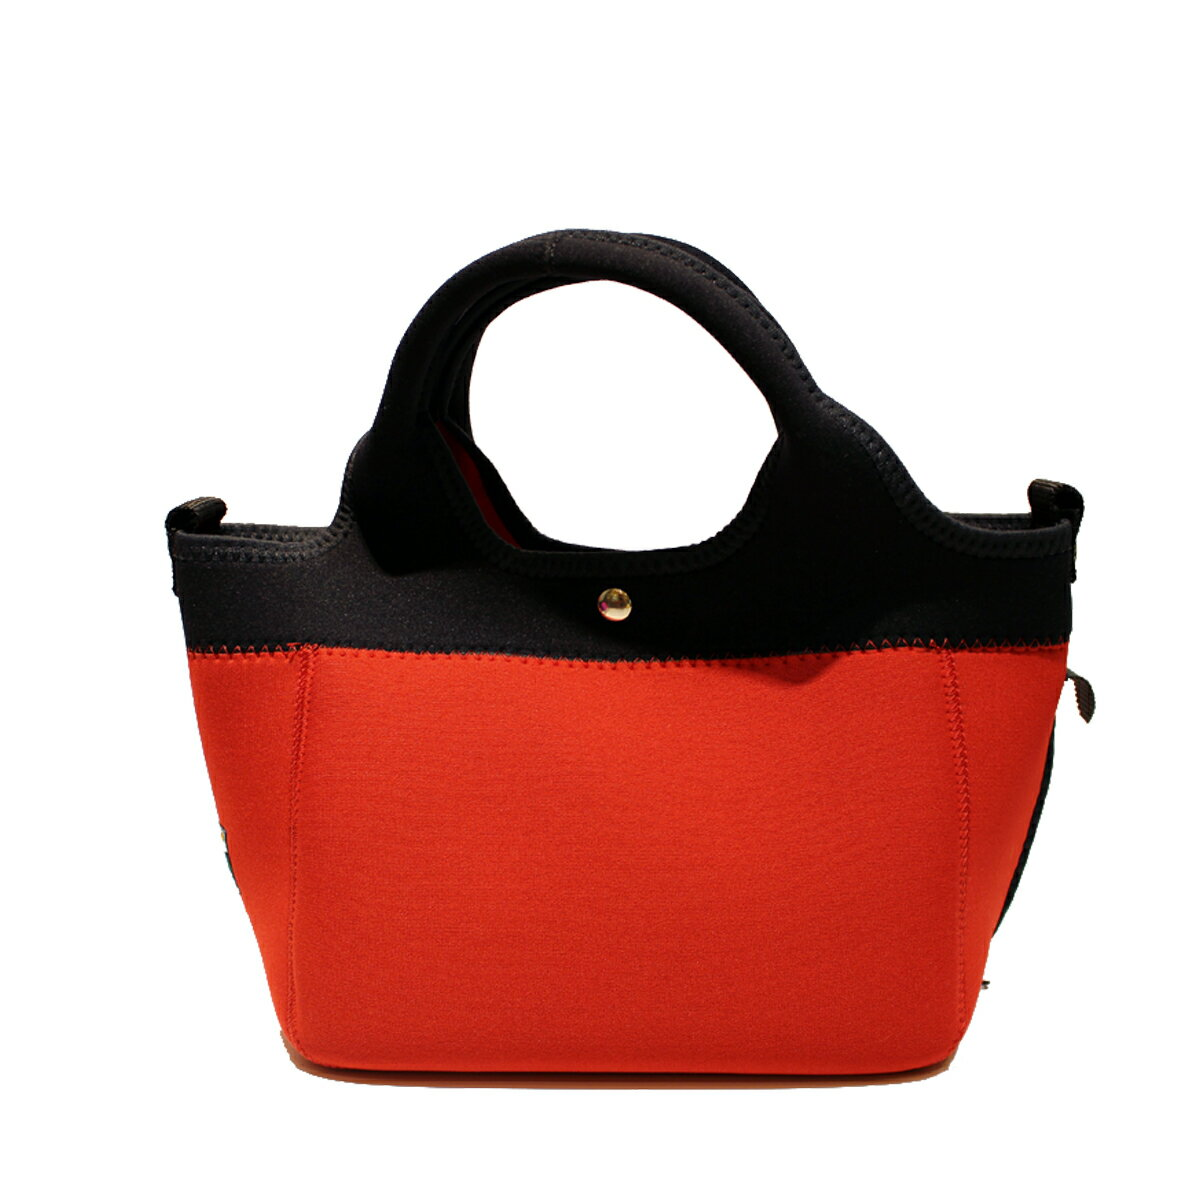 【買い替え】【セール SALE】お散歩バッグネオプレーン・レッド【E】ウェットスーツ素材の洗えるお散歩バッグ!テトラとセットで必須アイテム!ショルダーベルト、水に流せるティッシュ付き♪